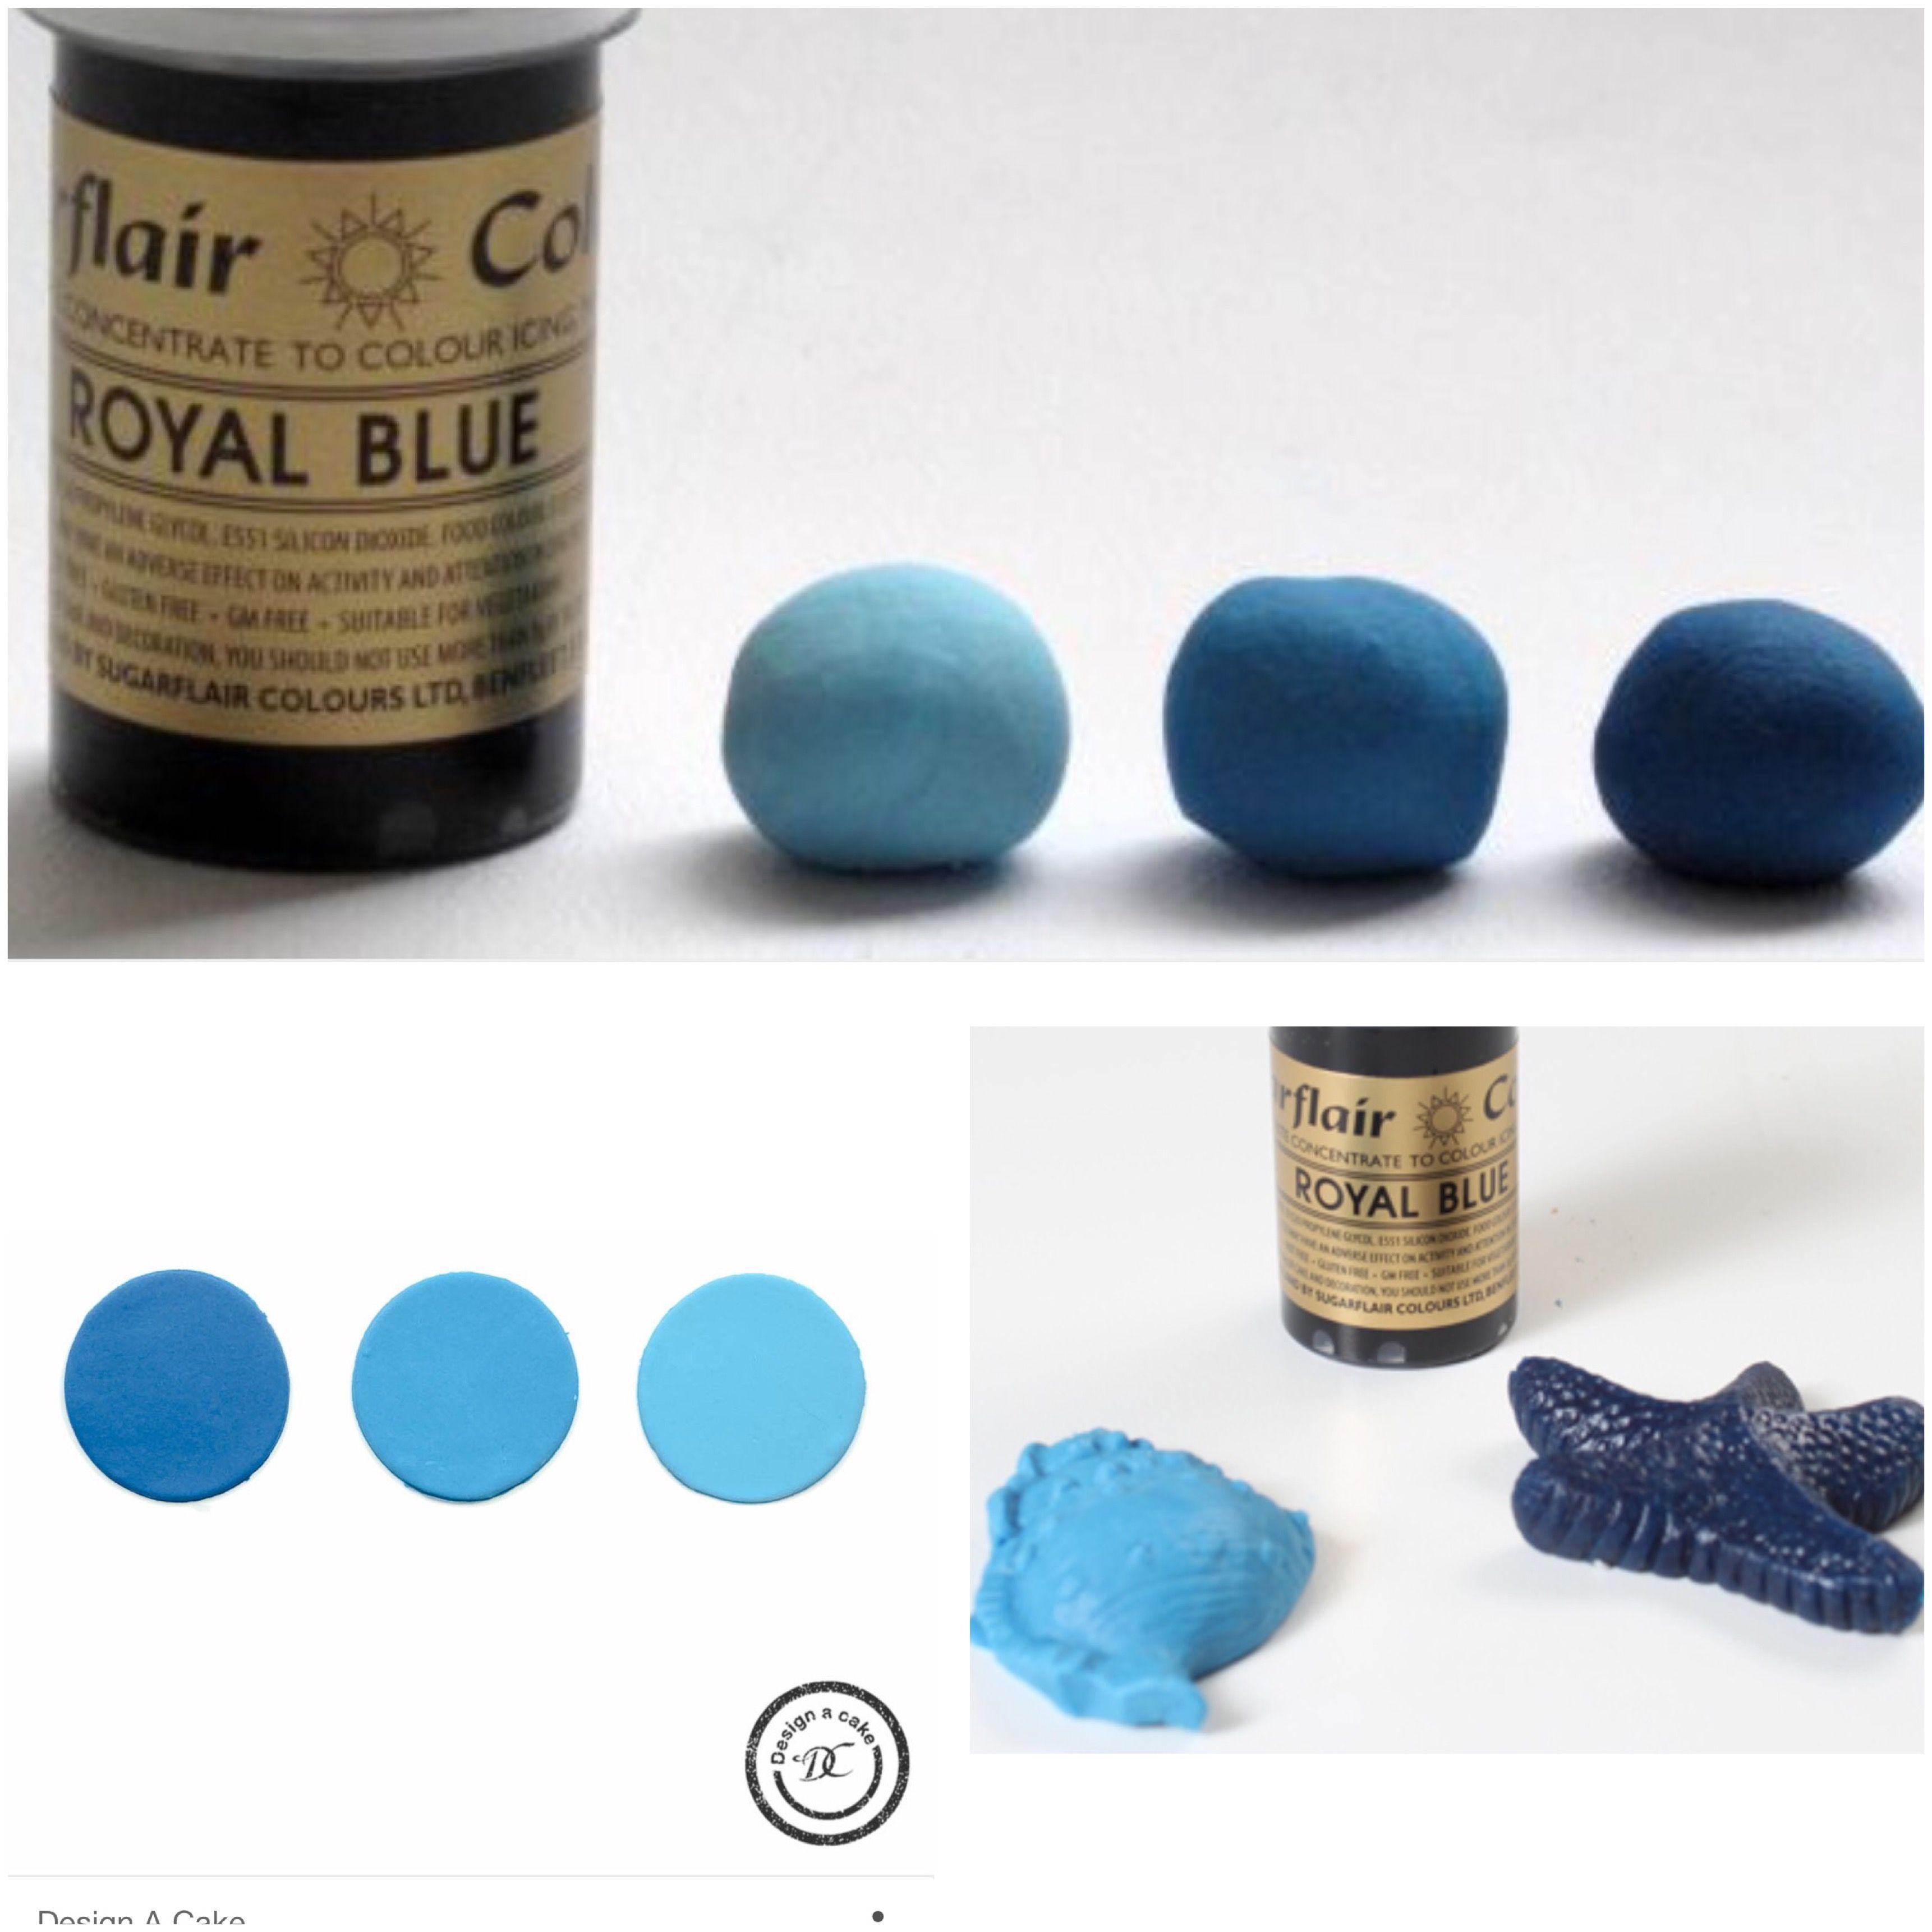 Sugarflair royal blue | sugarflair pack amazon.uk | Royal ...